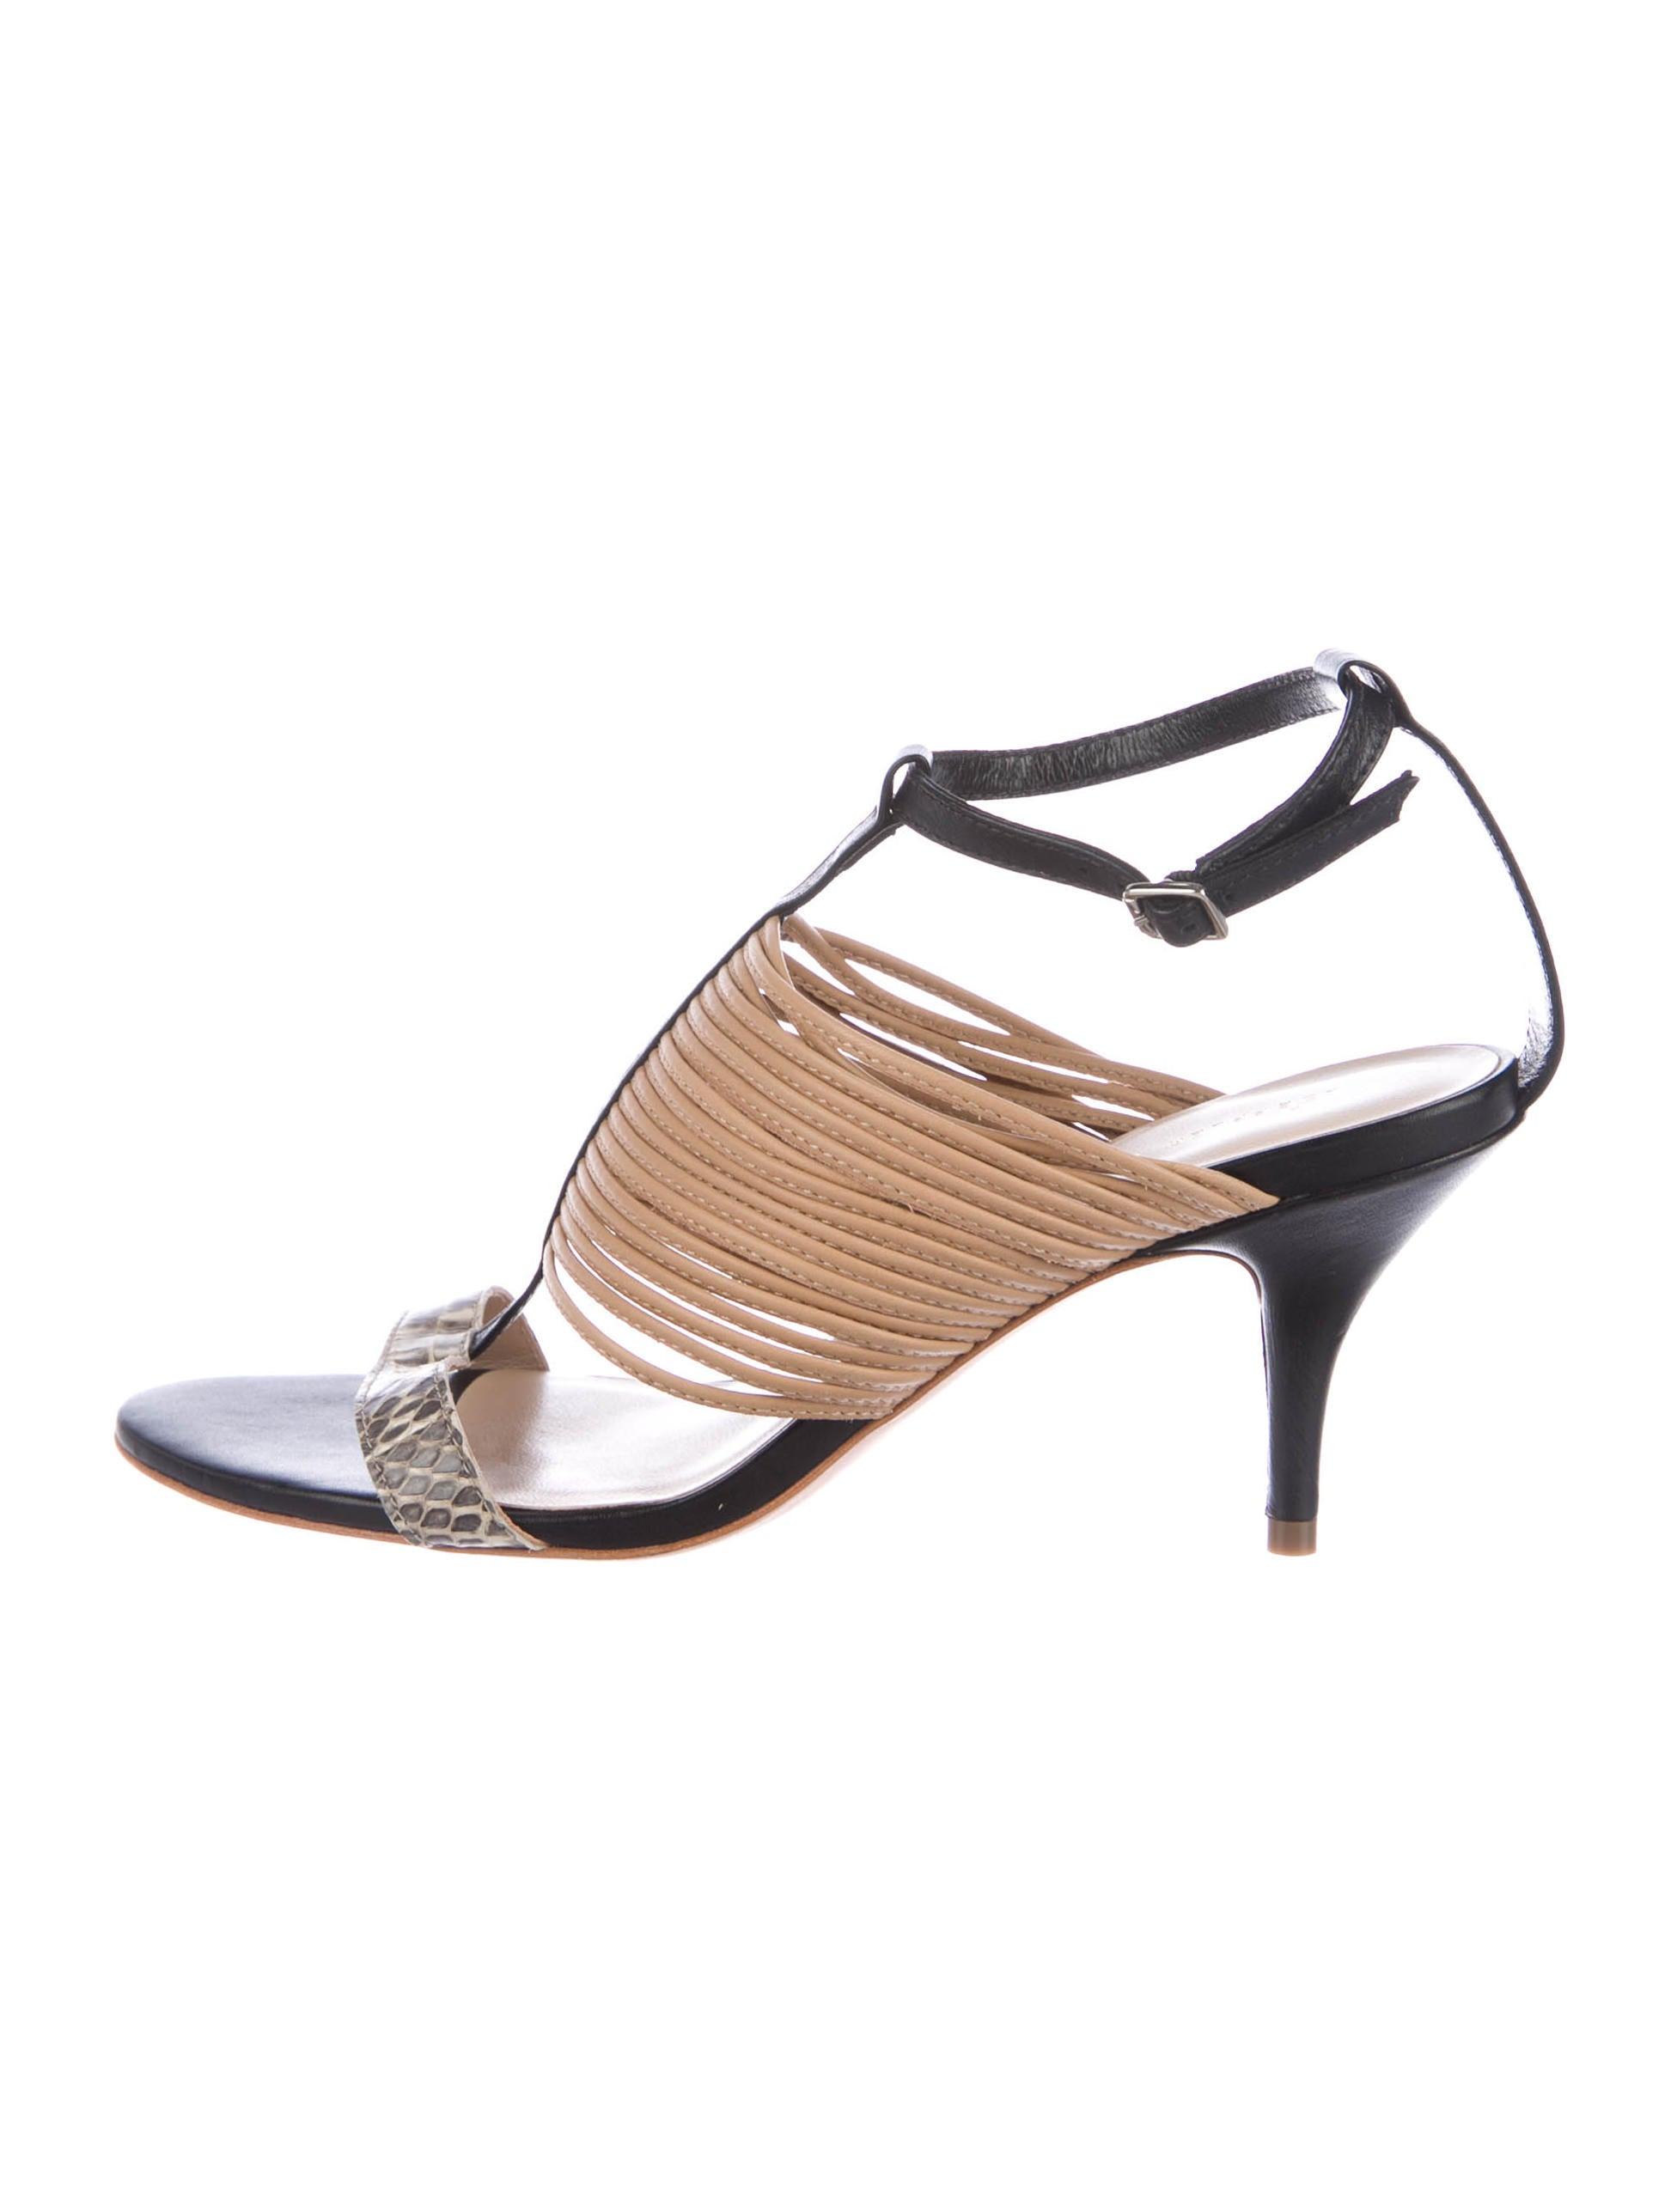 Loeffler Randall Snakeskin Multi-Strap Sandals shop offer affordable cheap price jbIzTxVJyJ